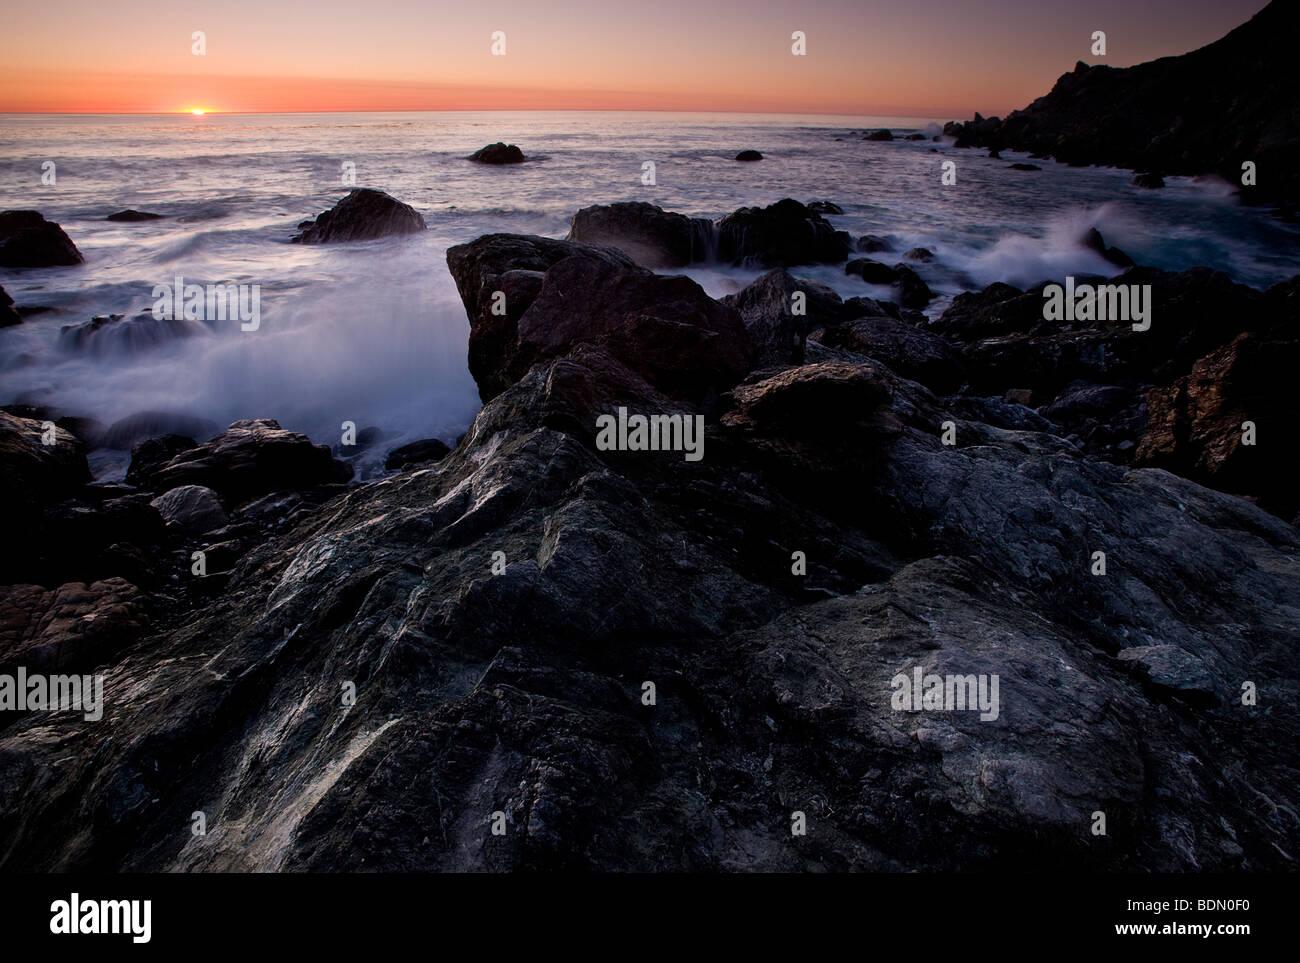 Puesta de sol y rocas negras, Big Sur, California, Estados Unidos. Imagen De Stock